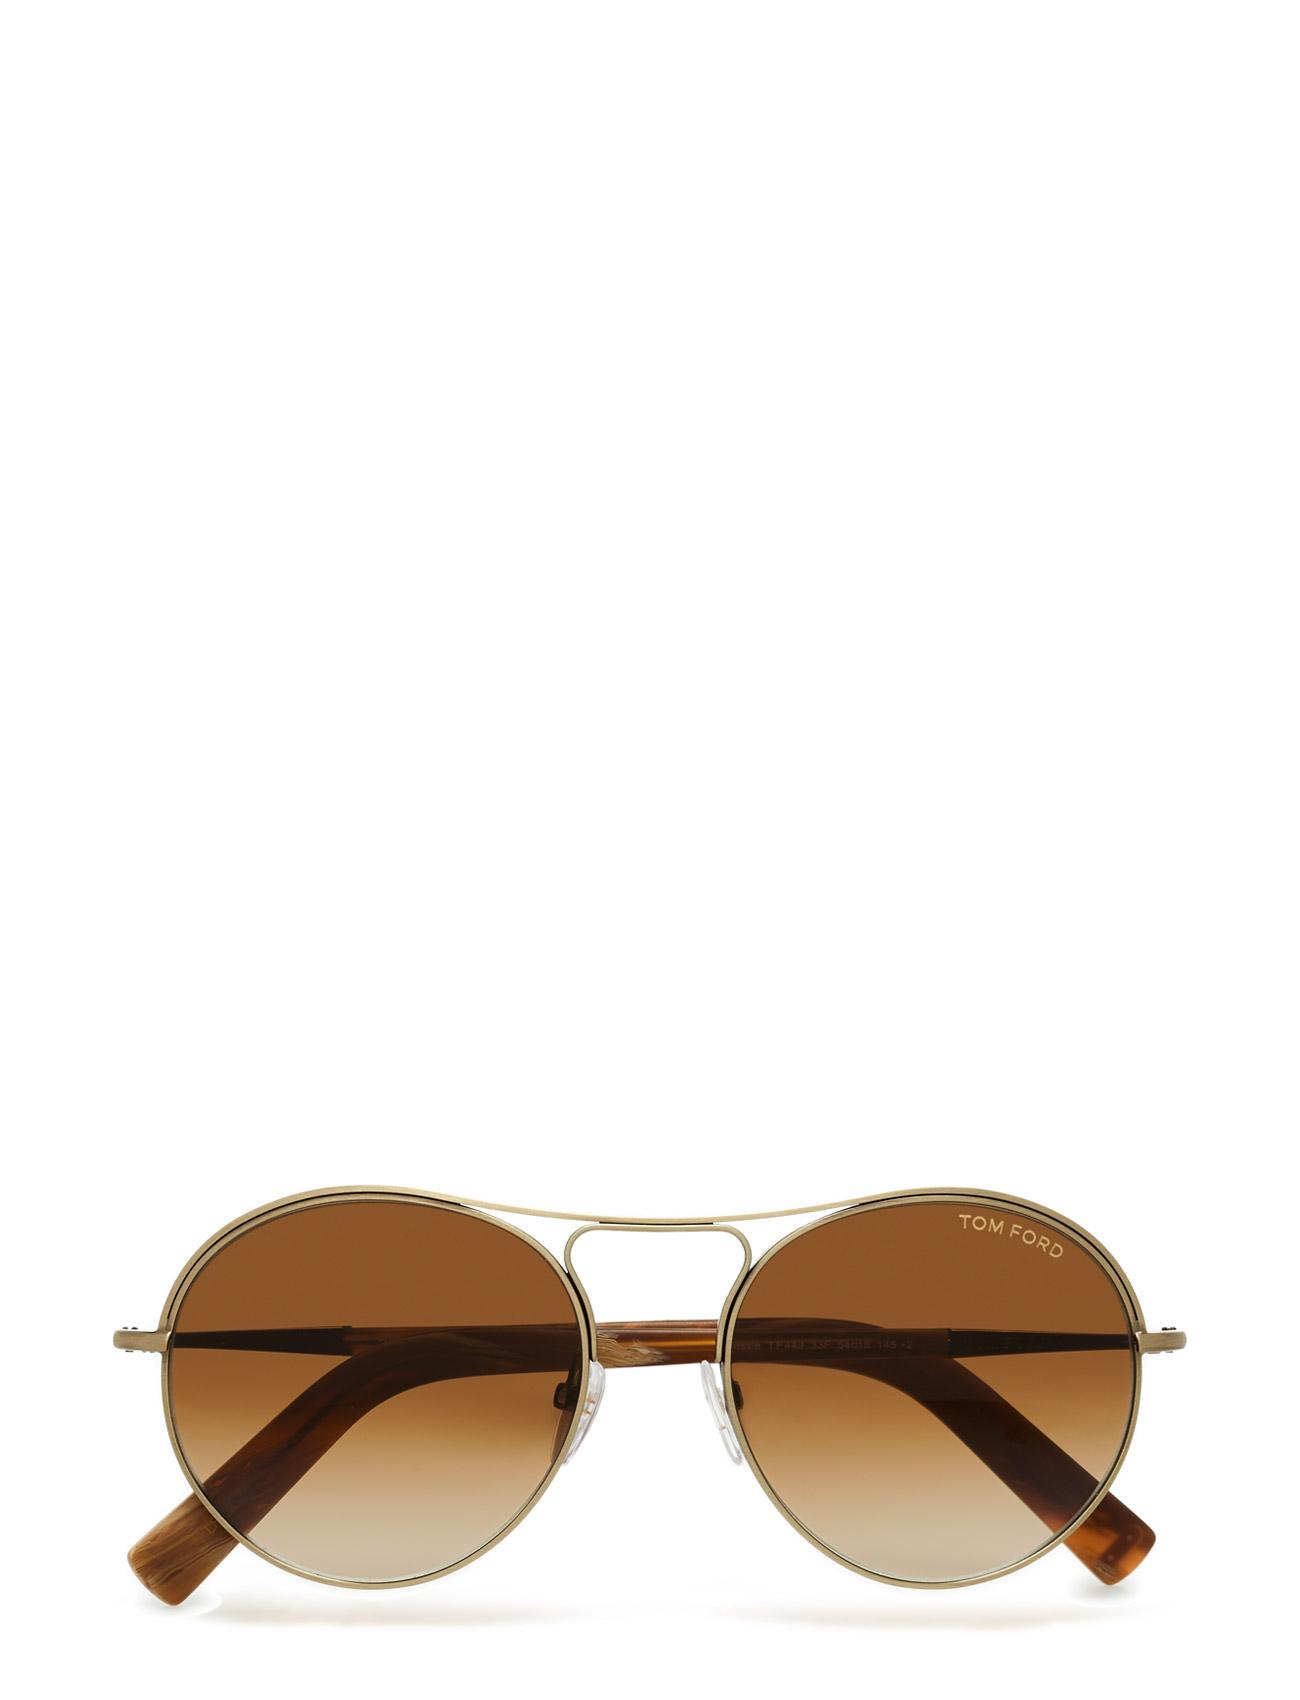 Tom Ford Jessie Tom Ford Sunglasses Solbriller til Unisex i